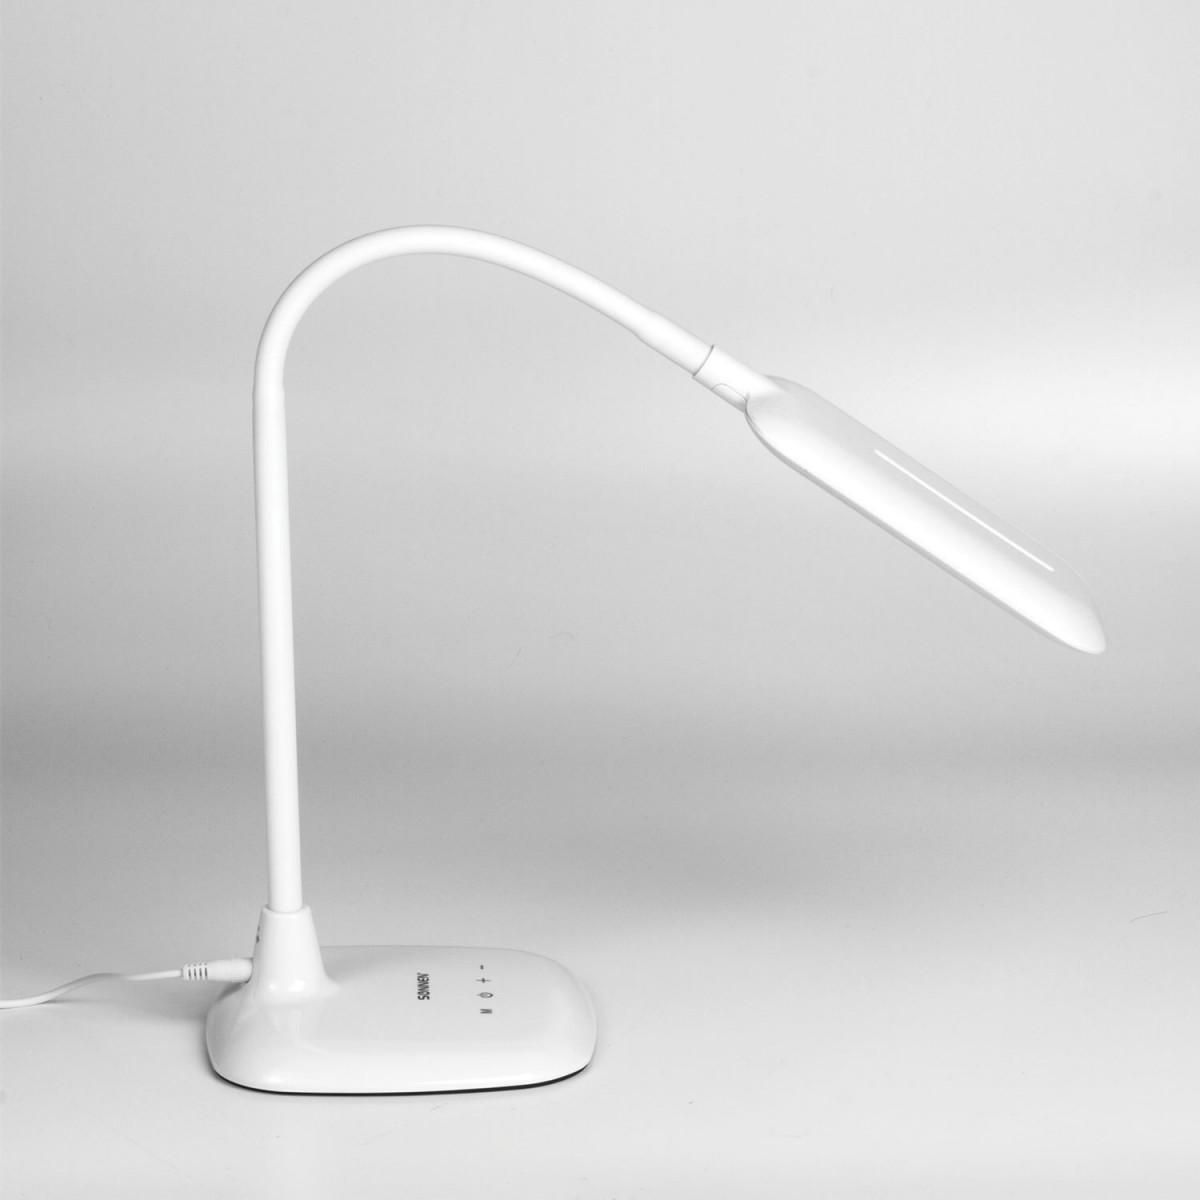 Светильник настольный SONNEN BR-819A, на подставке, светодиодный, 8 Вт, белый, 236666 (арт. 236666)